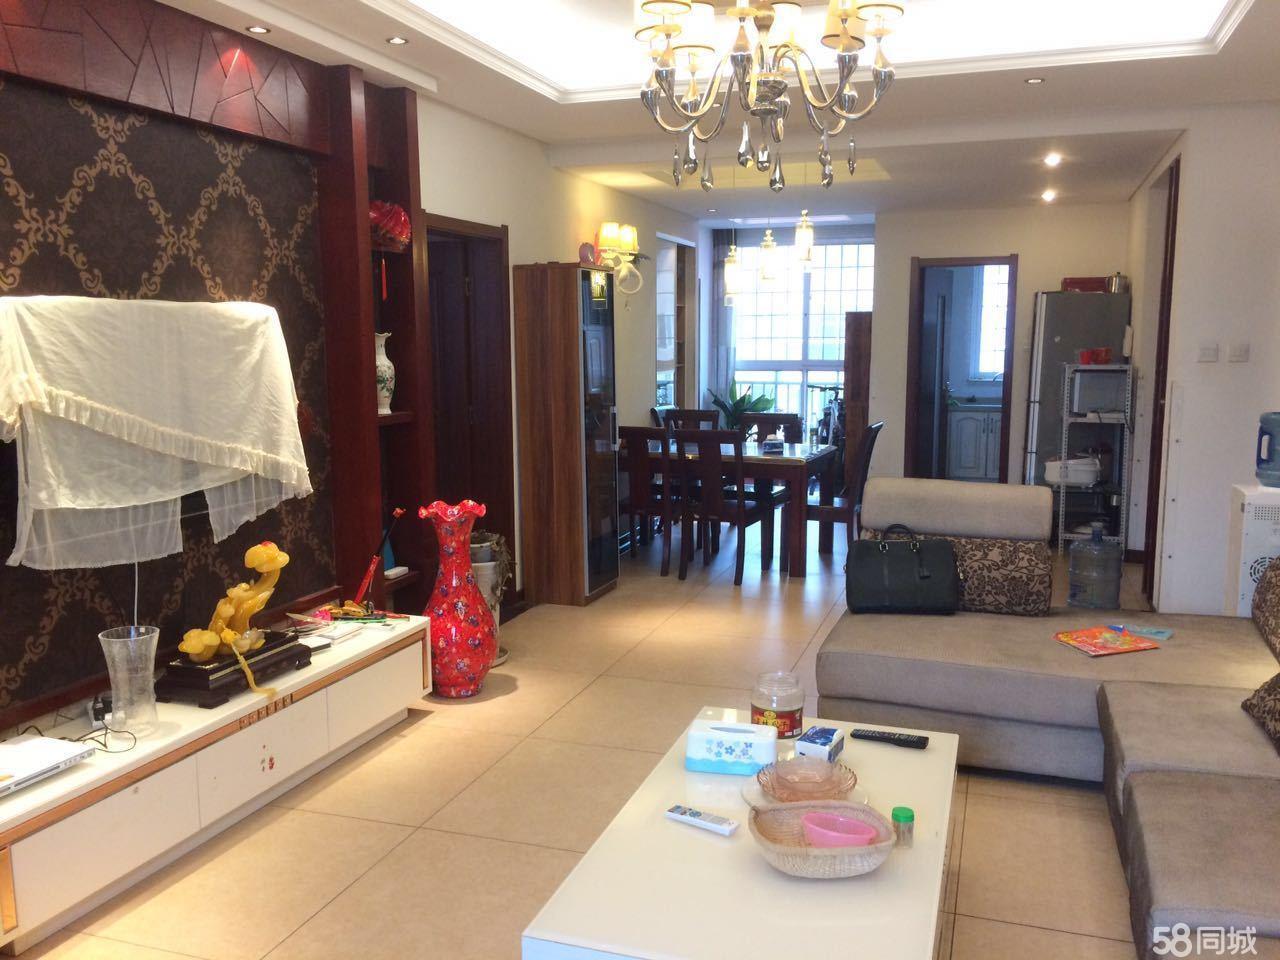 亿龙·金河湾3室2厅2卫116㎡豪装带家具家电